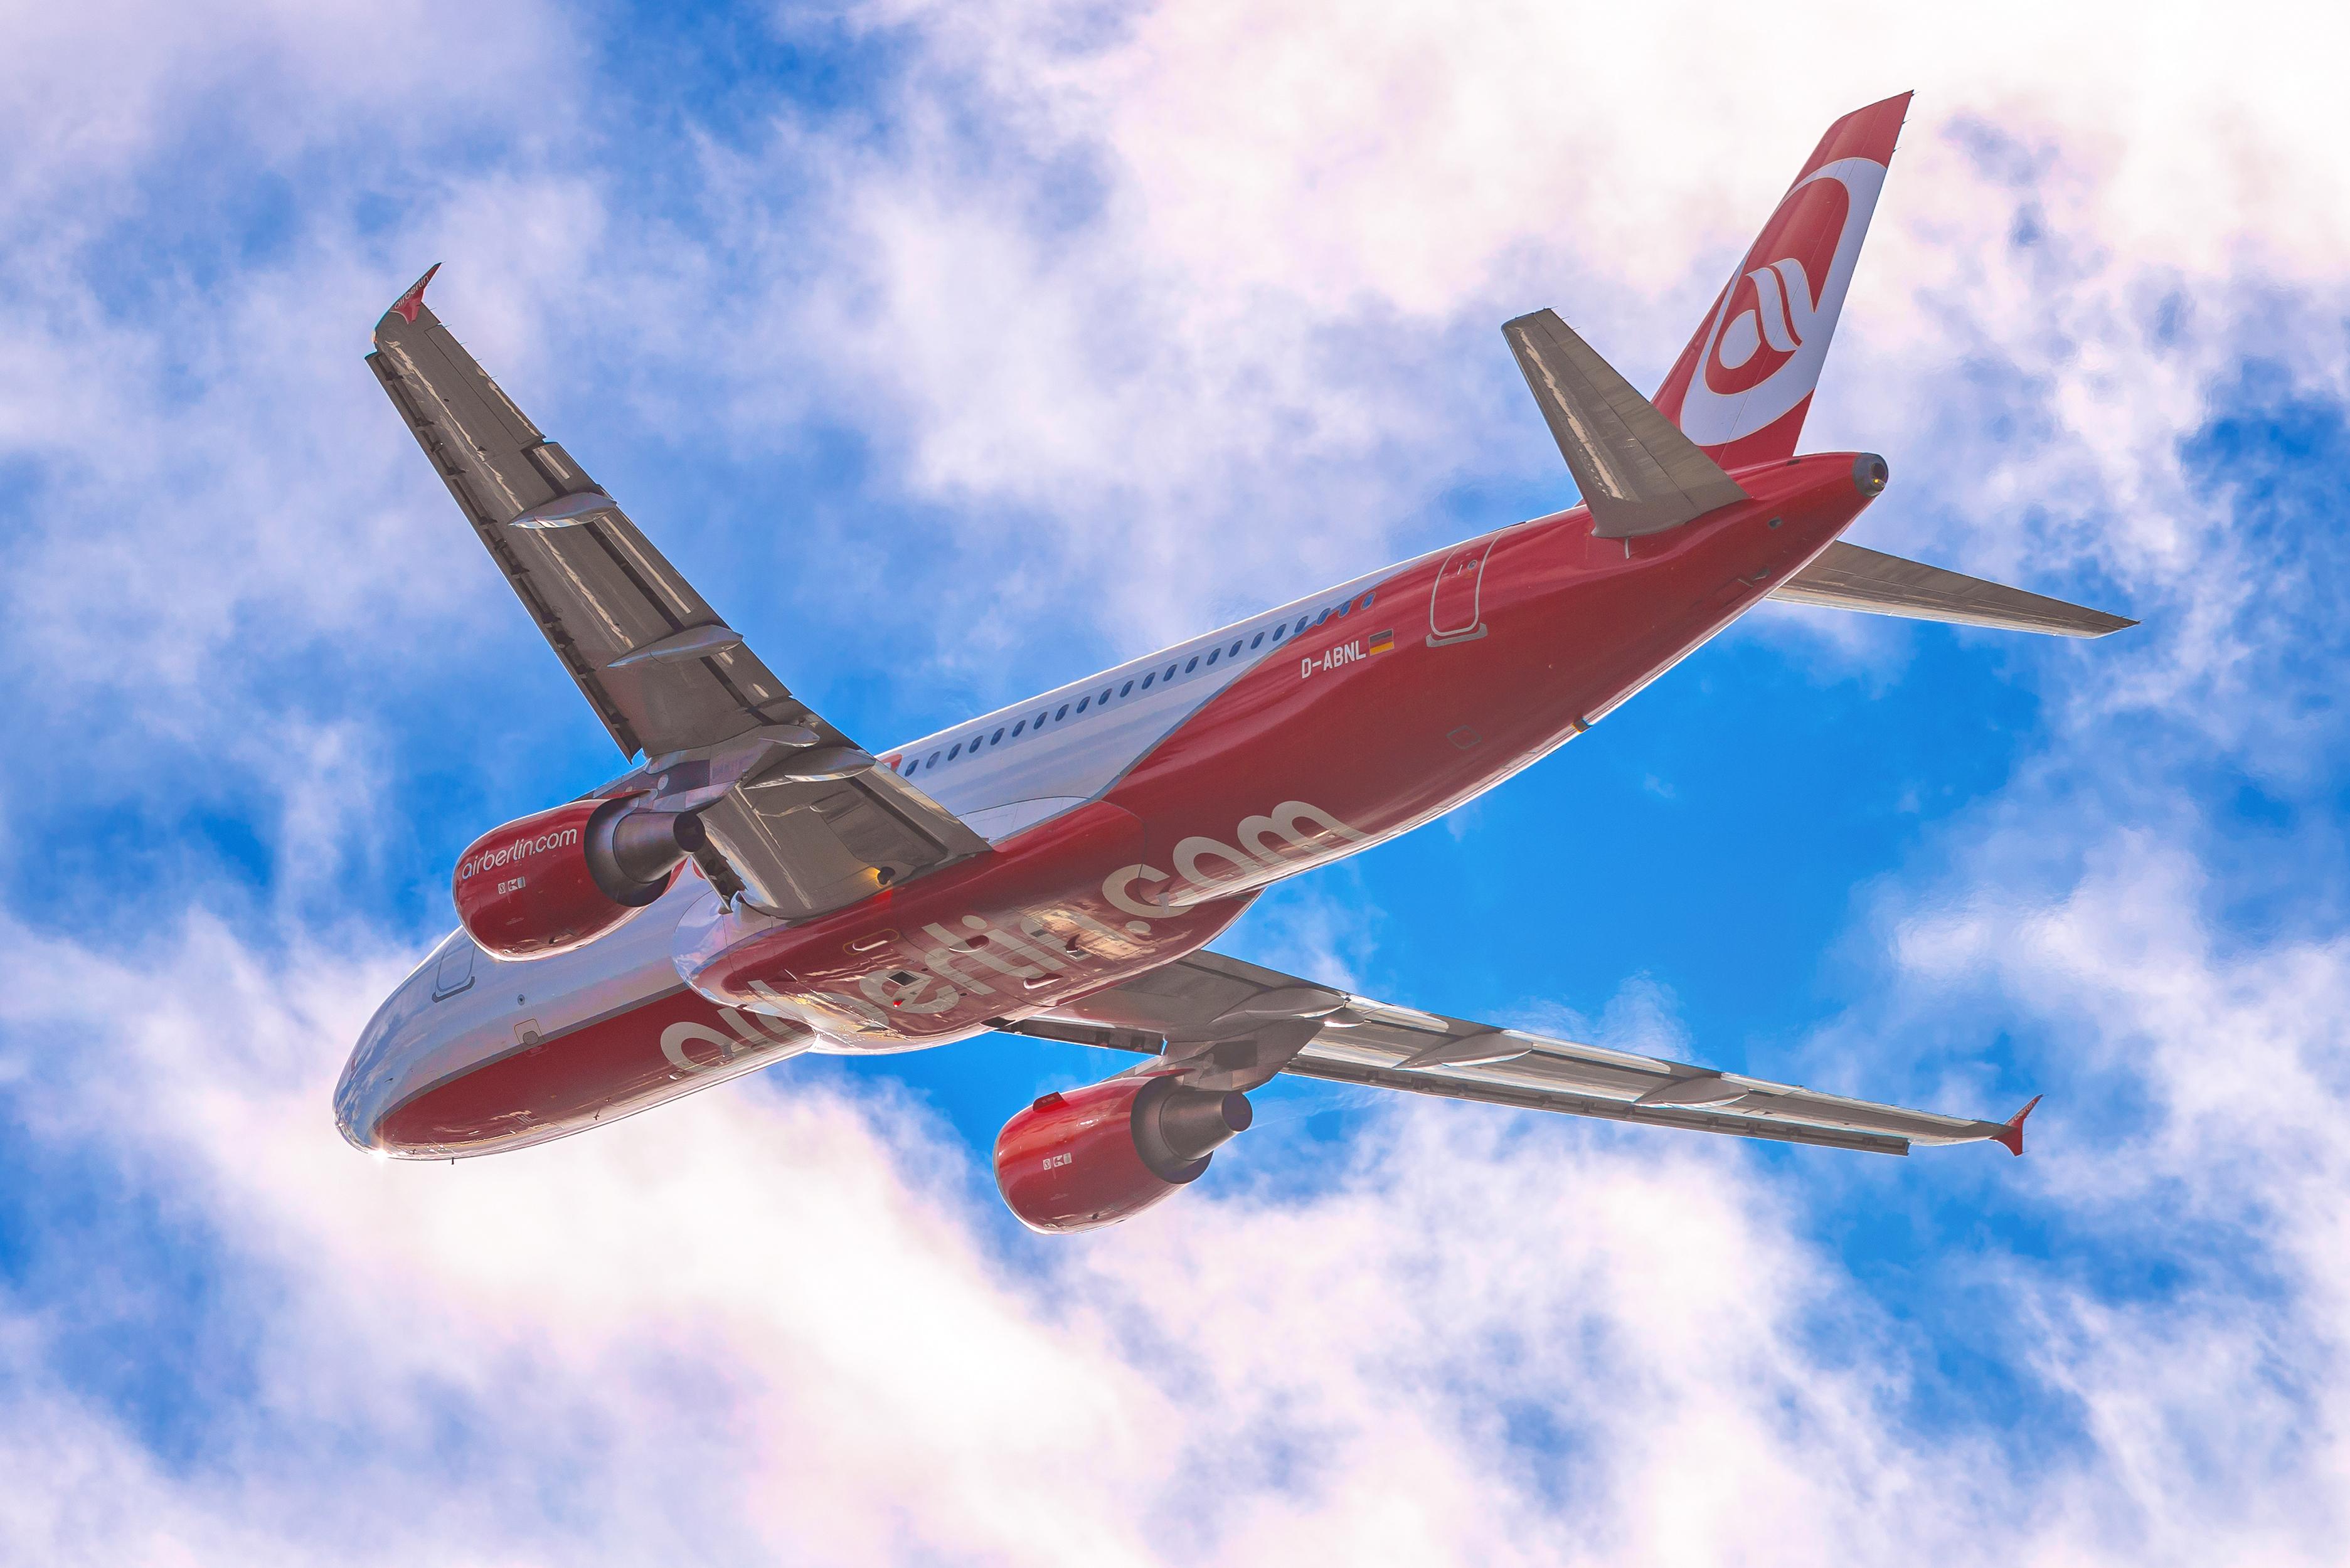 Em crise financeira, Air Berlin cancela voos por ausência de pilotos